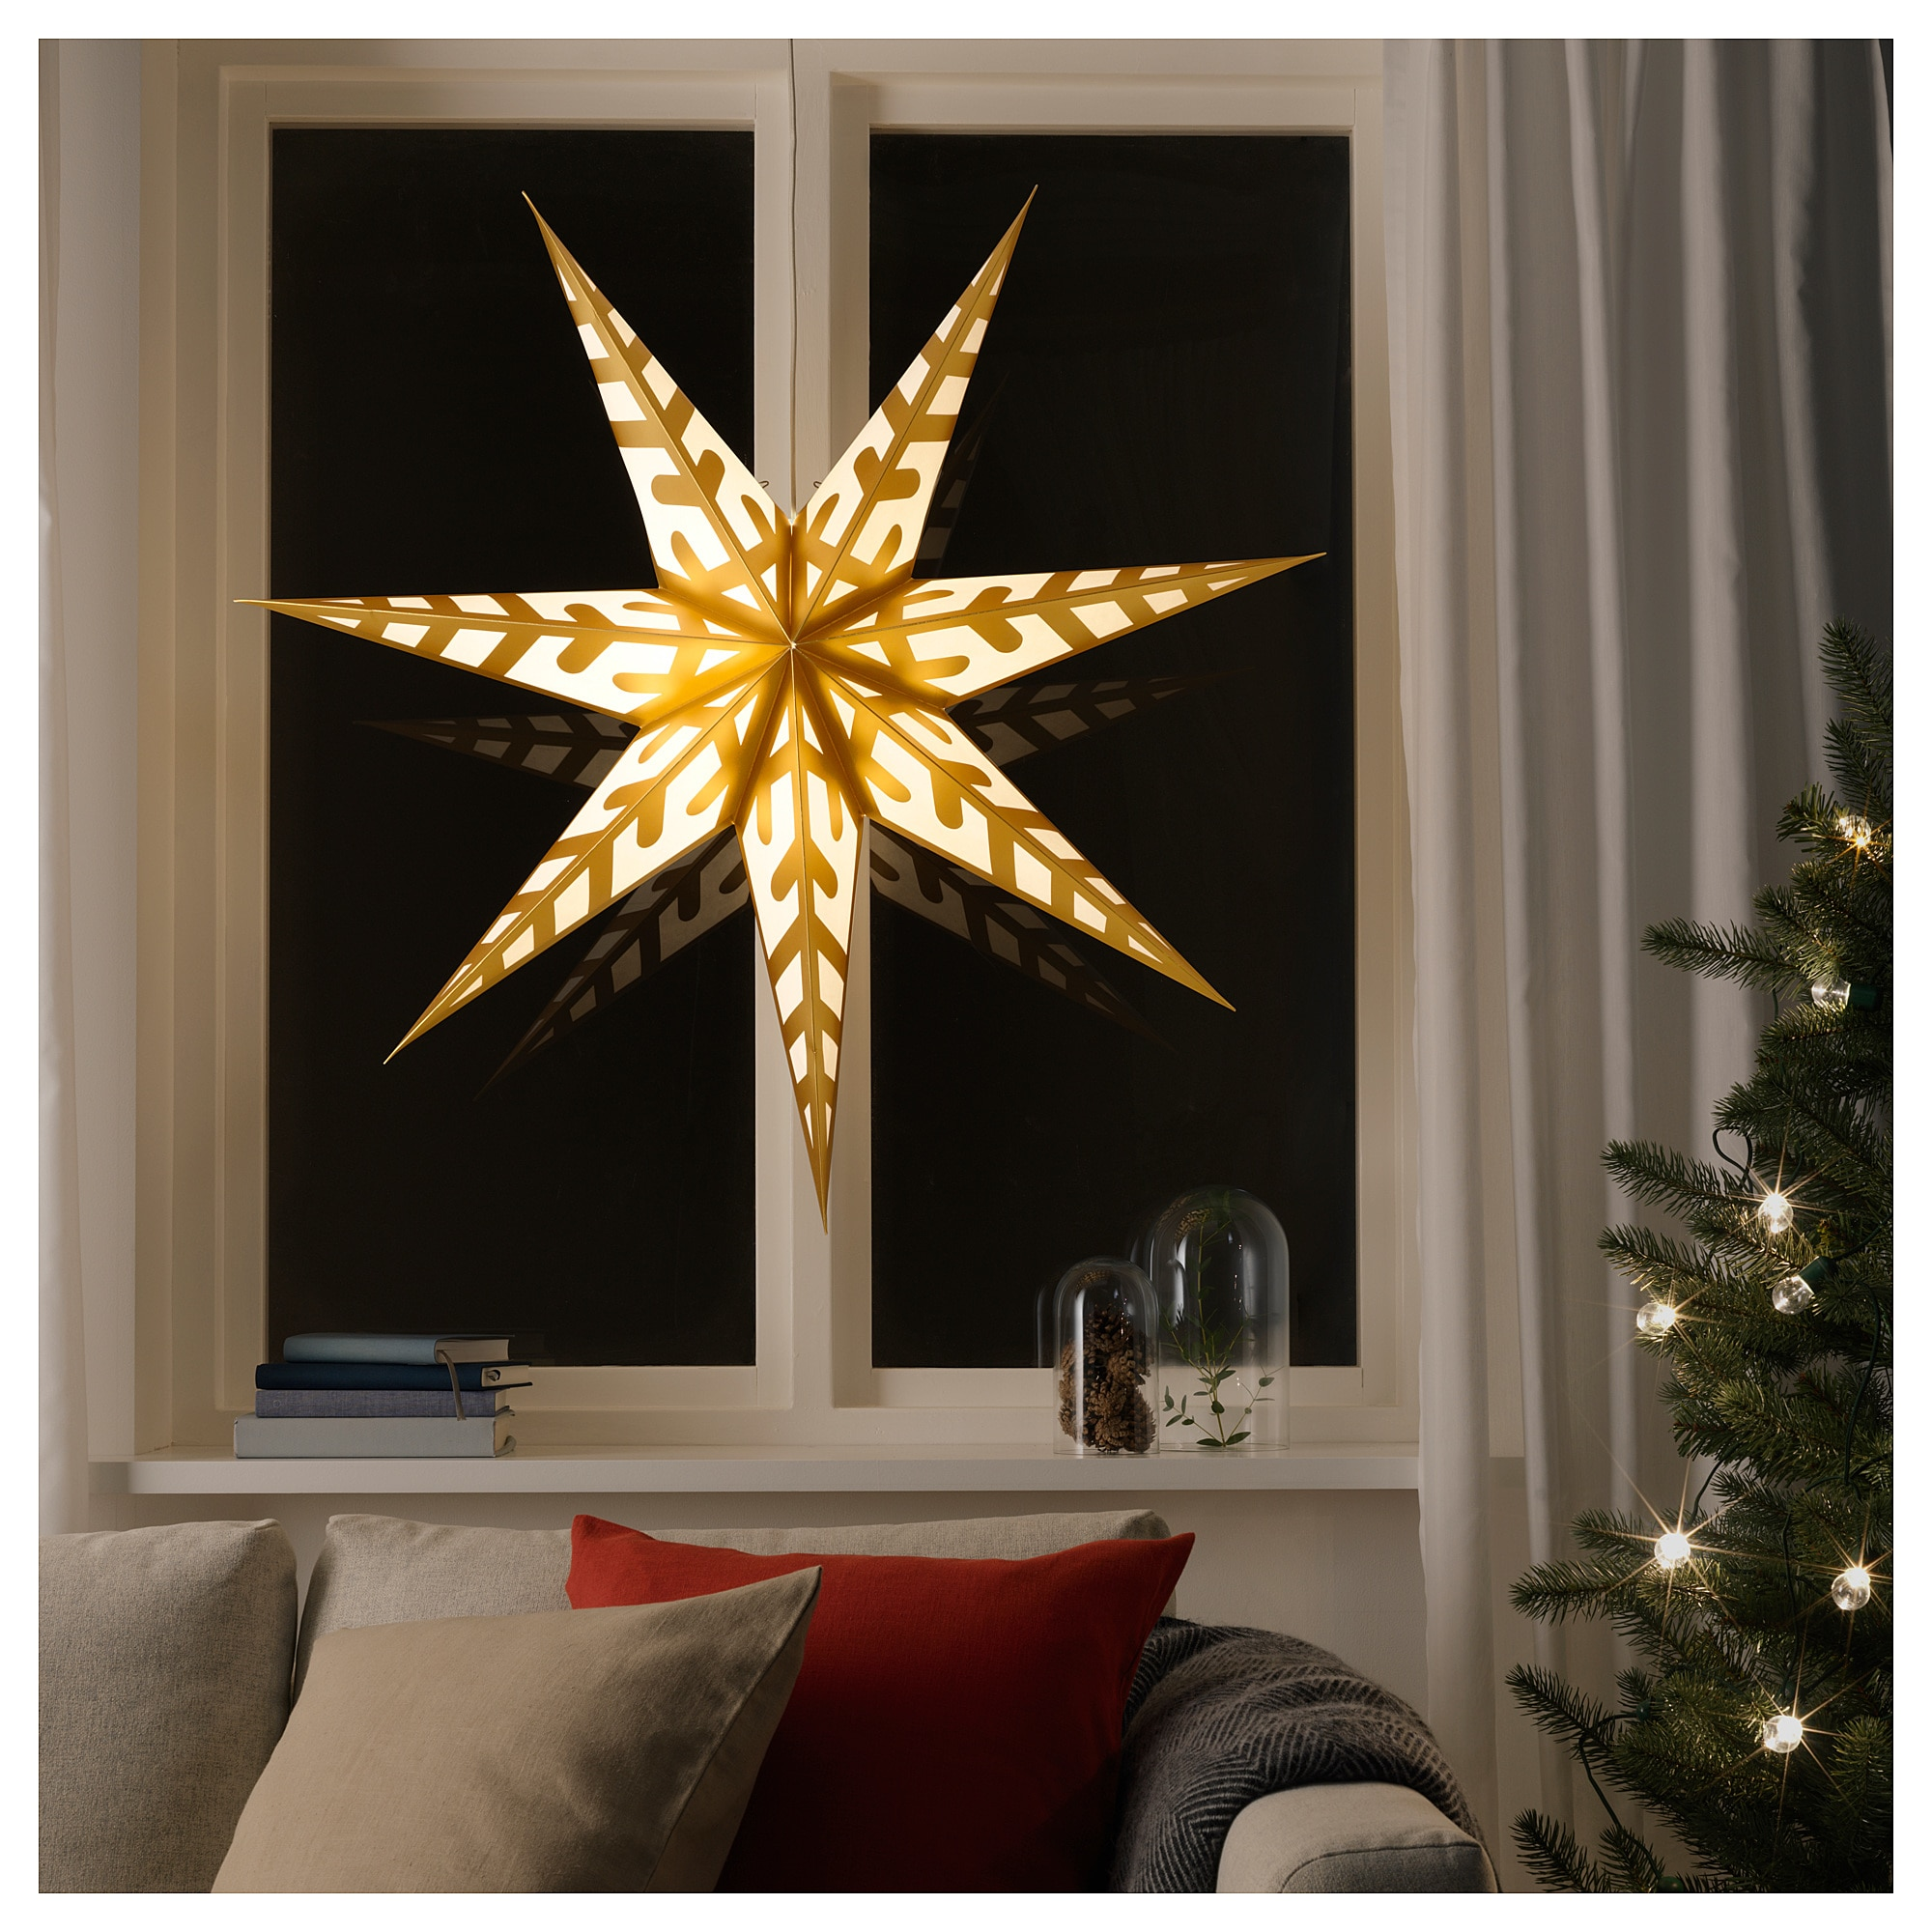 Абажур для подвесного светильника СТРОЛА золотой артикуль № 804.054.74 в наличии. Интернет сайт IKEA Минск. Недорогая доставка и установка.